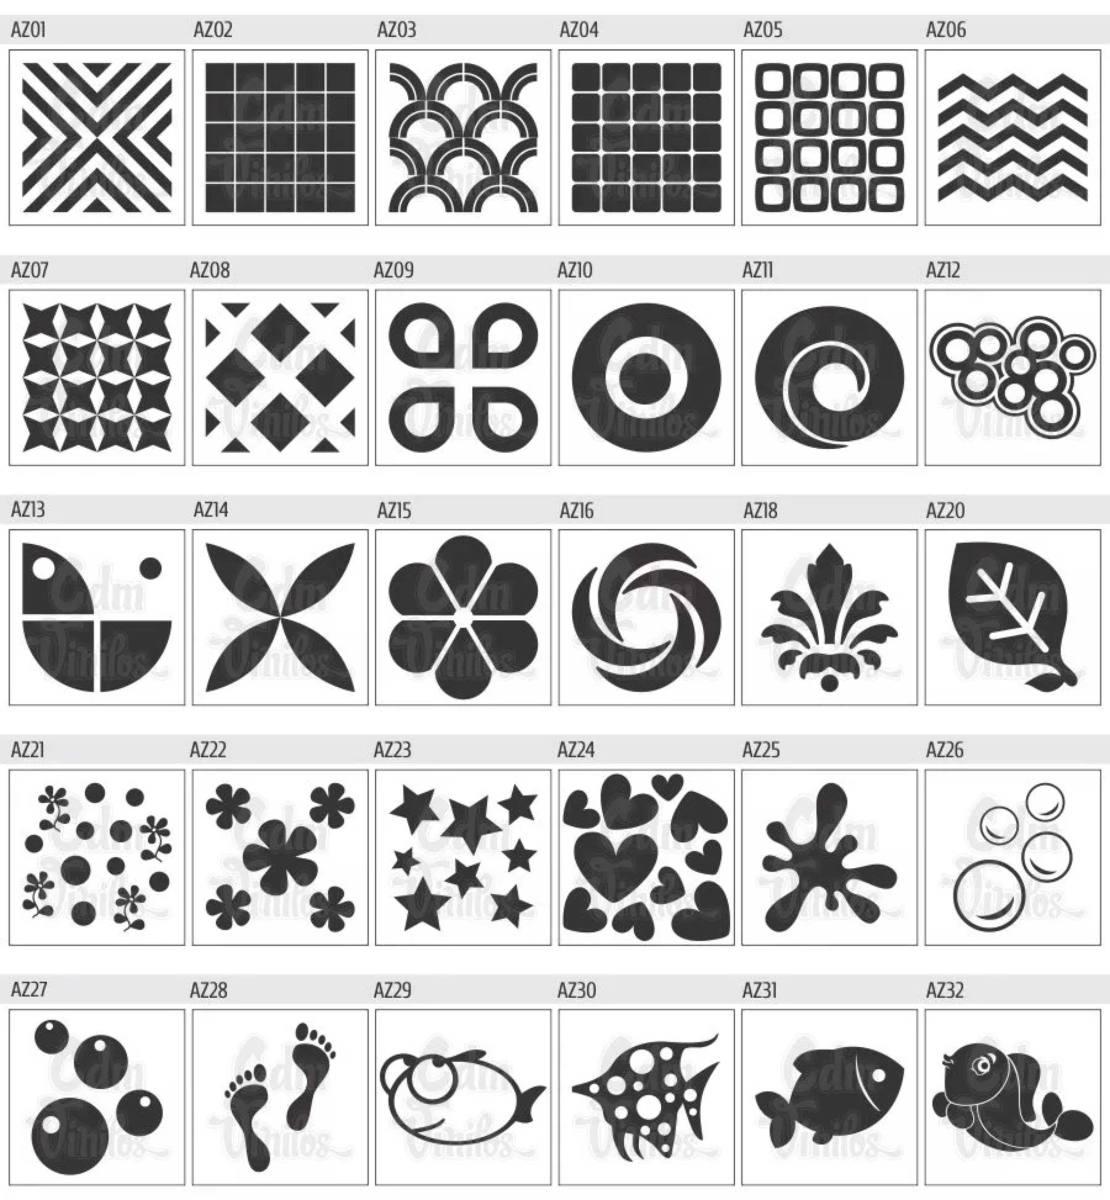 oferta 10 vinilos para azulejos de ba o y cocina de 20x20